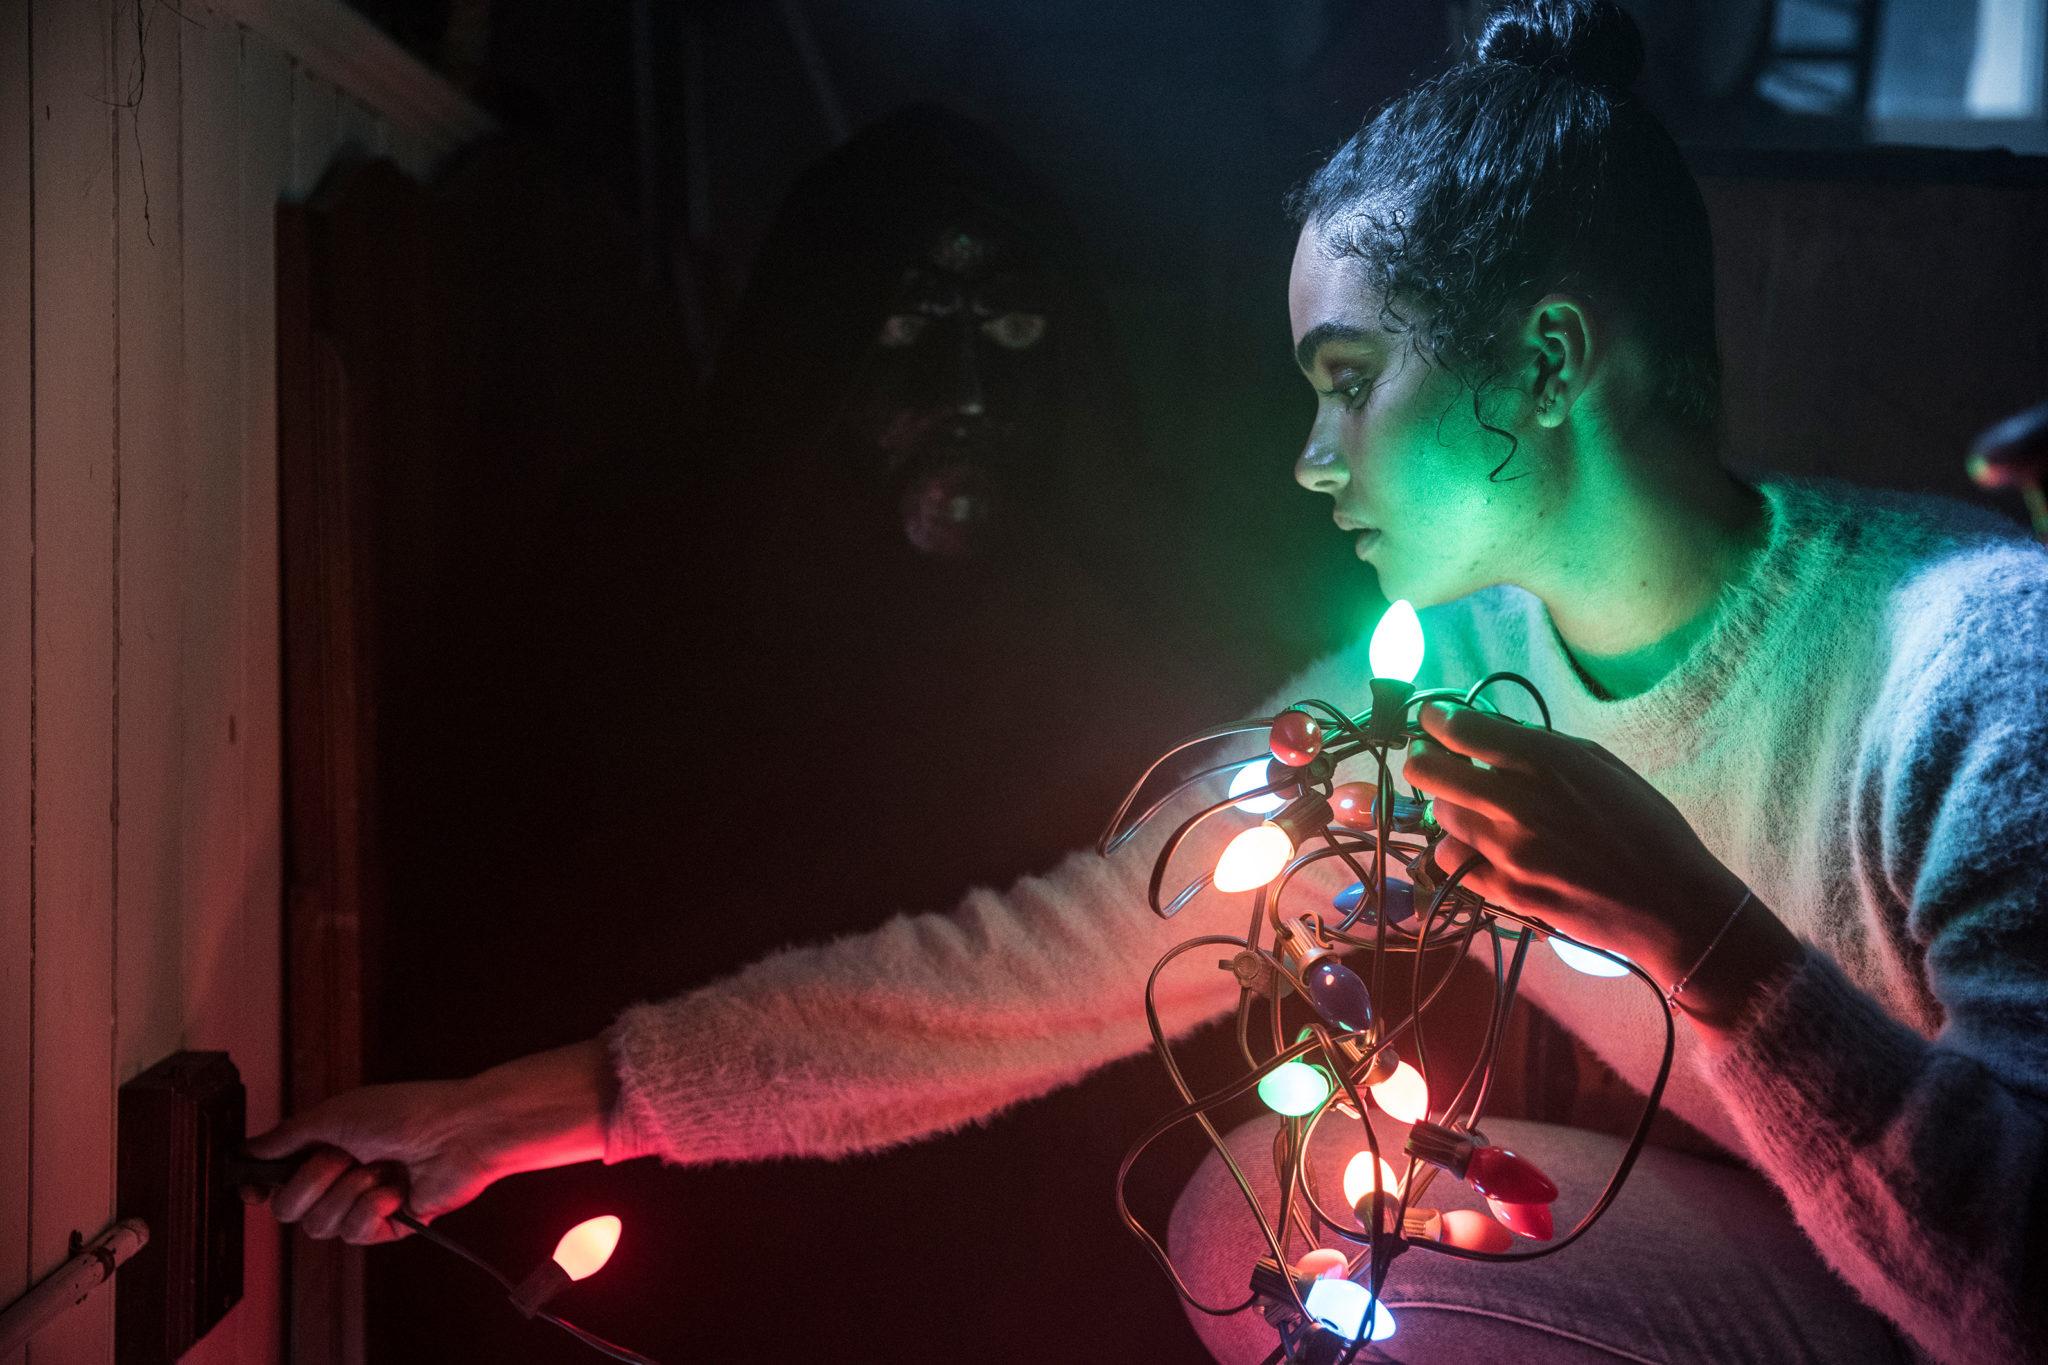 Jesse versucht Weihnachtslichter zu überprüfen. Die verschiedenfarbige Lichtquelle entblößt einen maskierten Unbekannten im Hintergrund in Black Christmas 2019